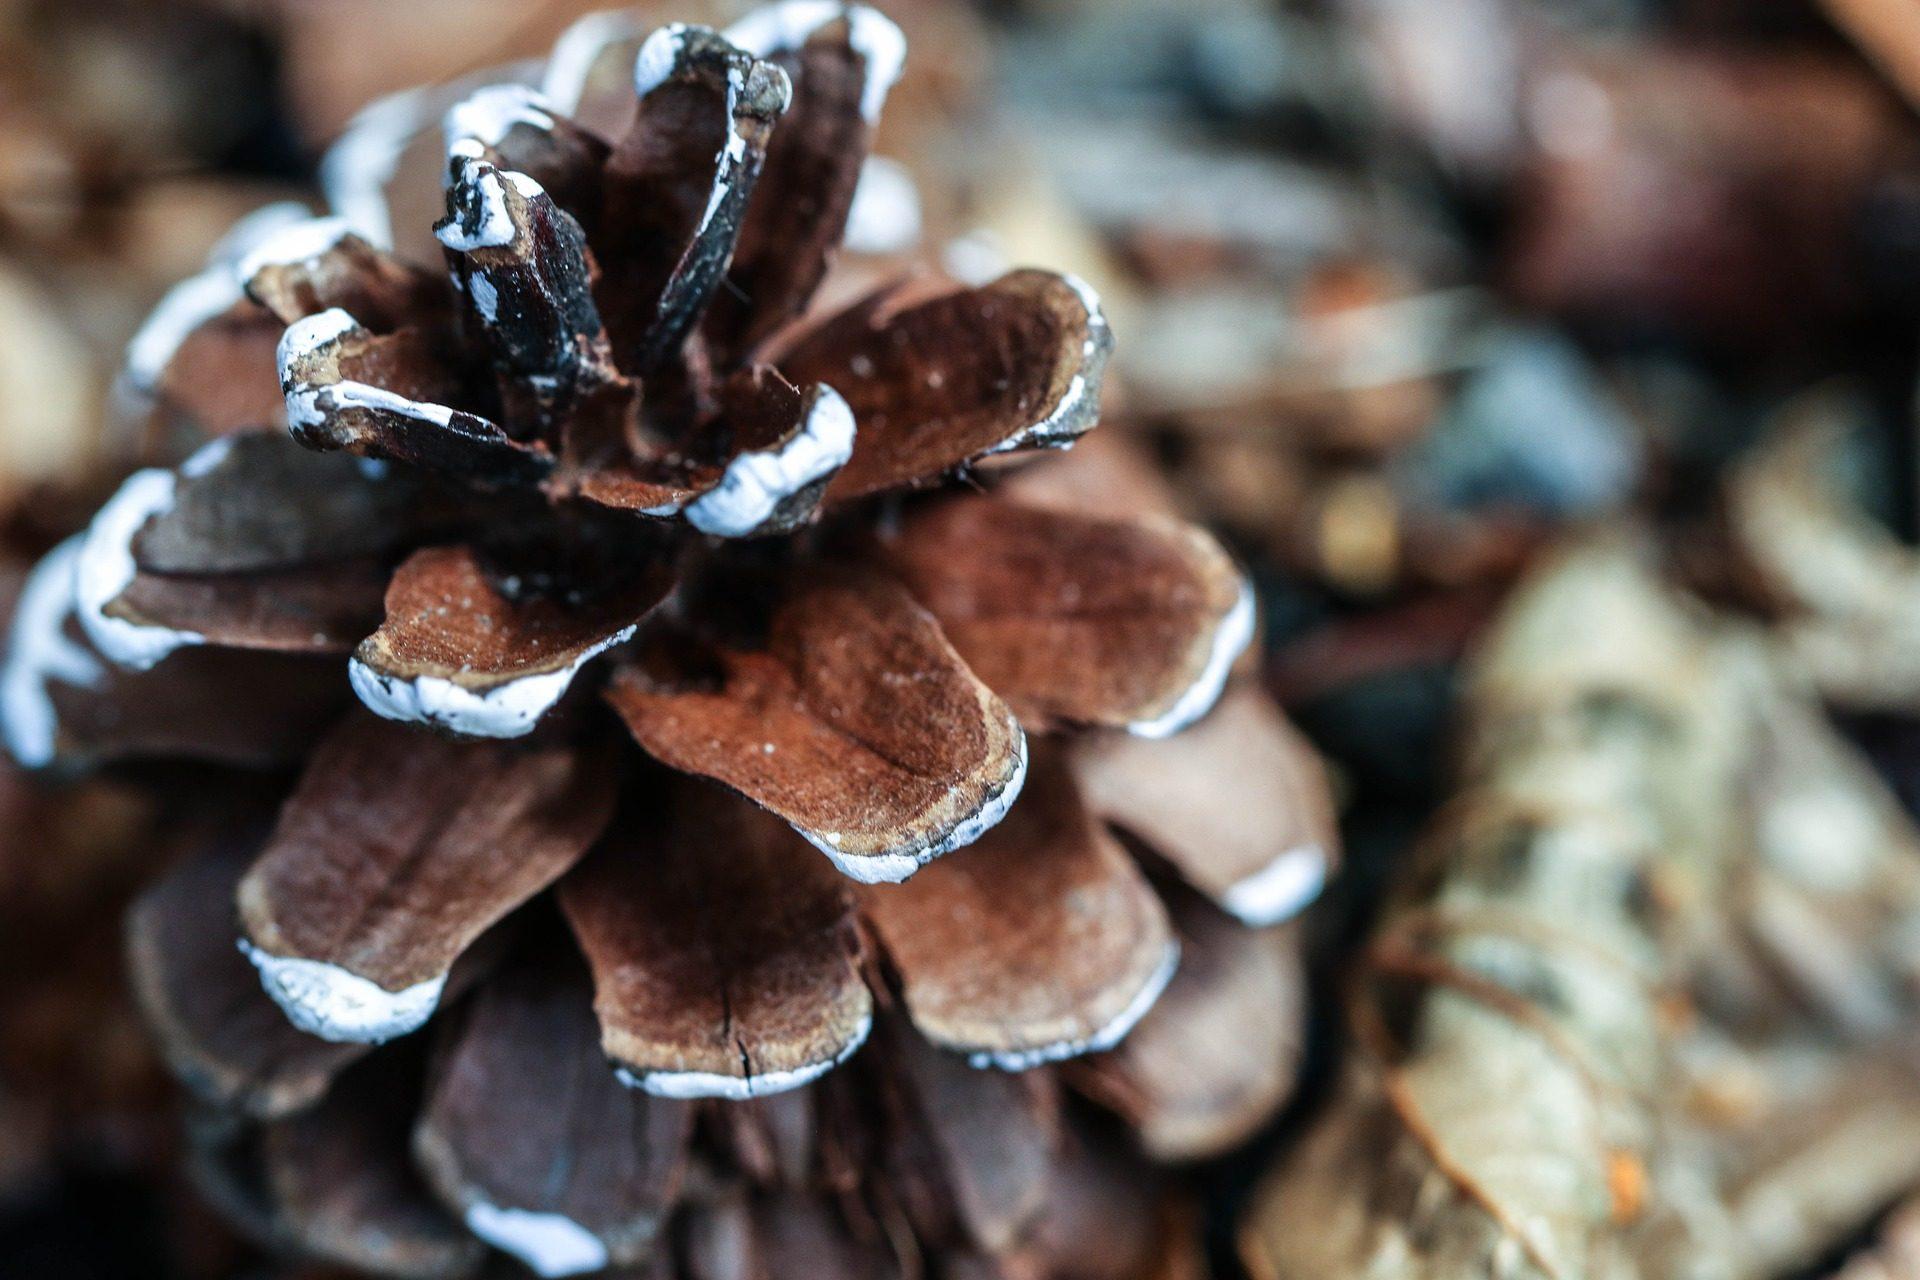 Ananas, Shell, corteccia, legno, circa - Sfondi HD - Professor-falken.com